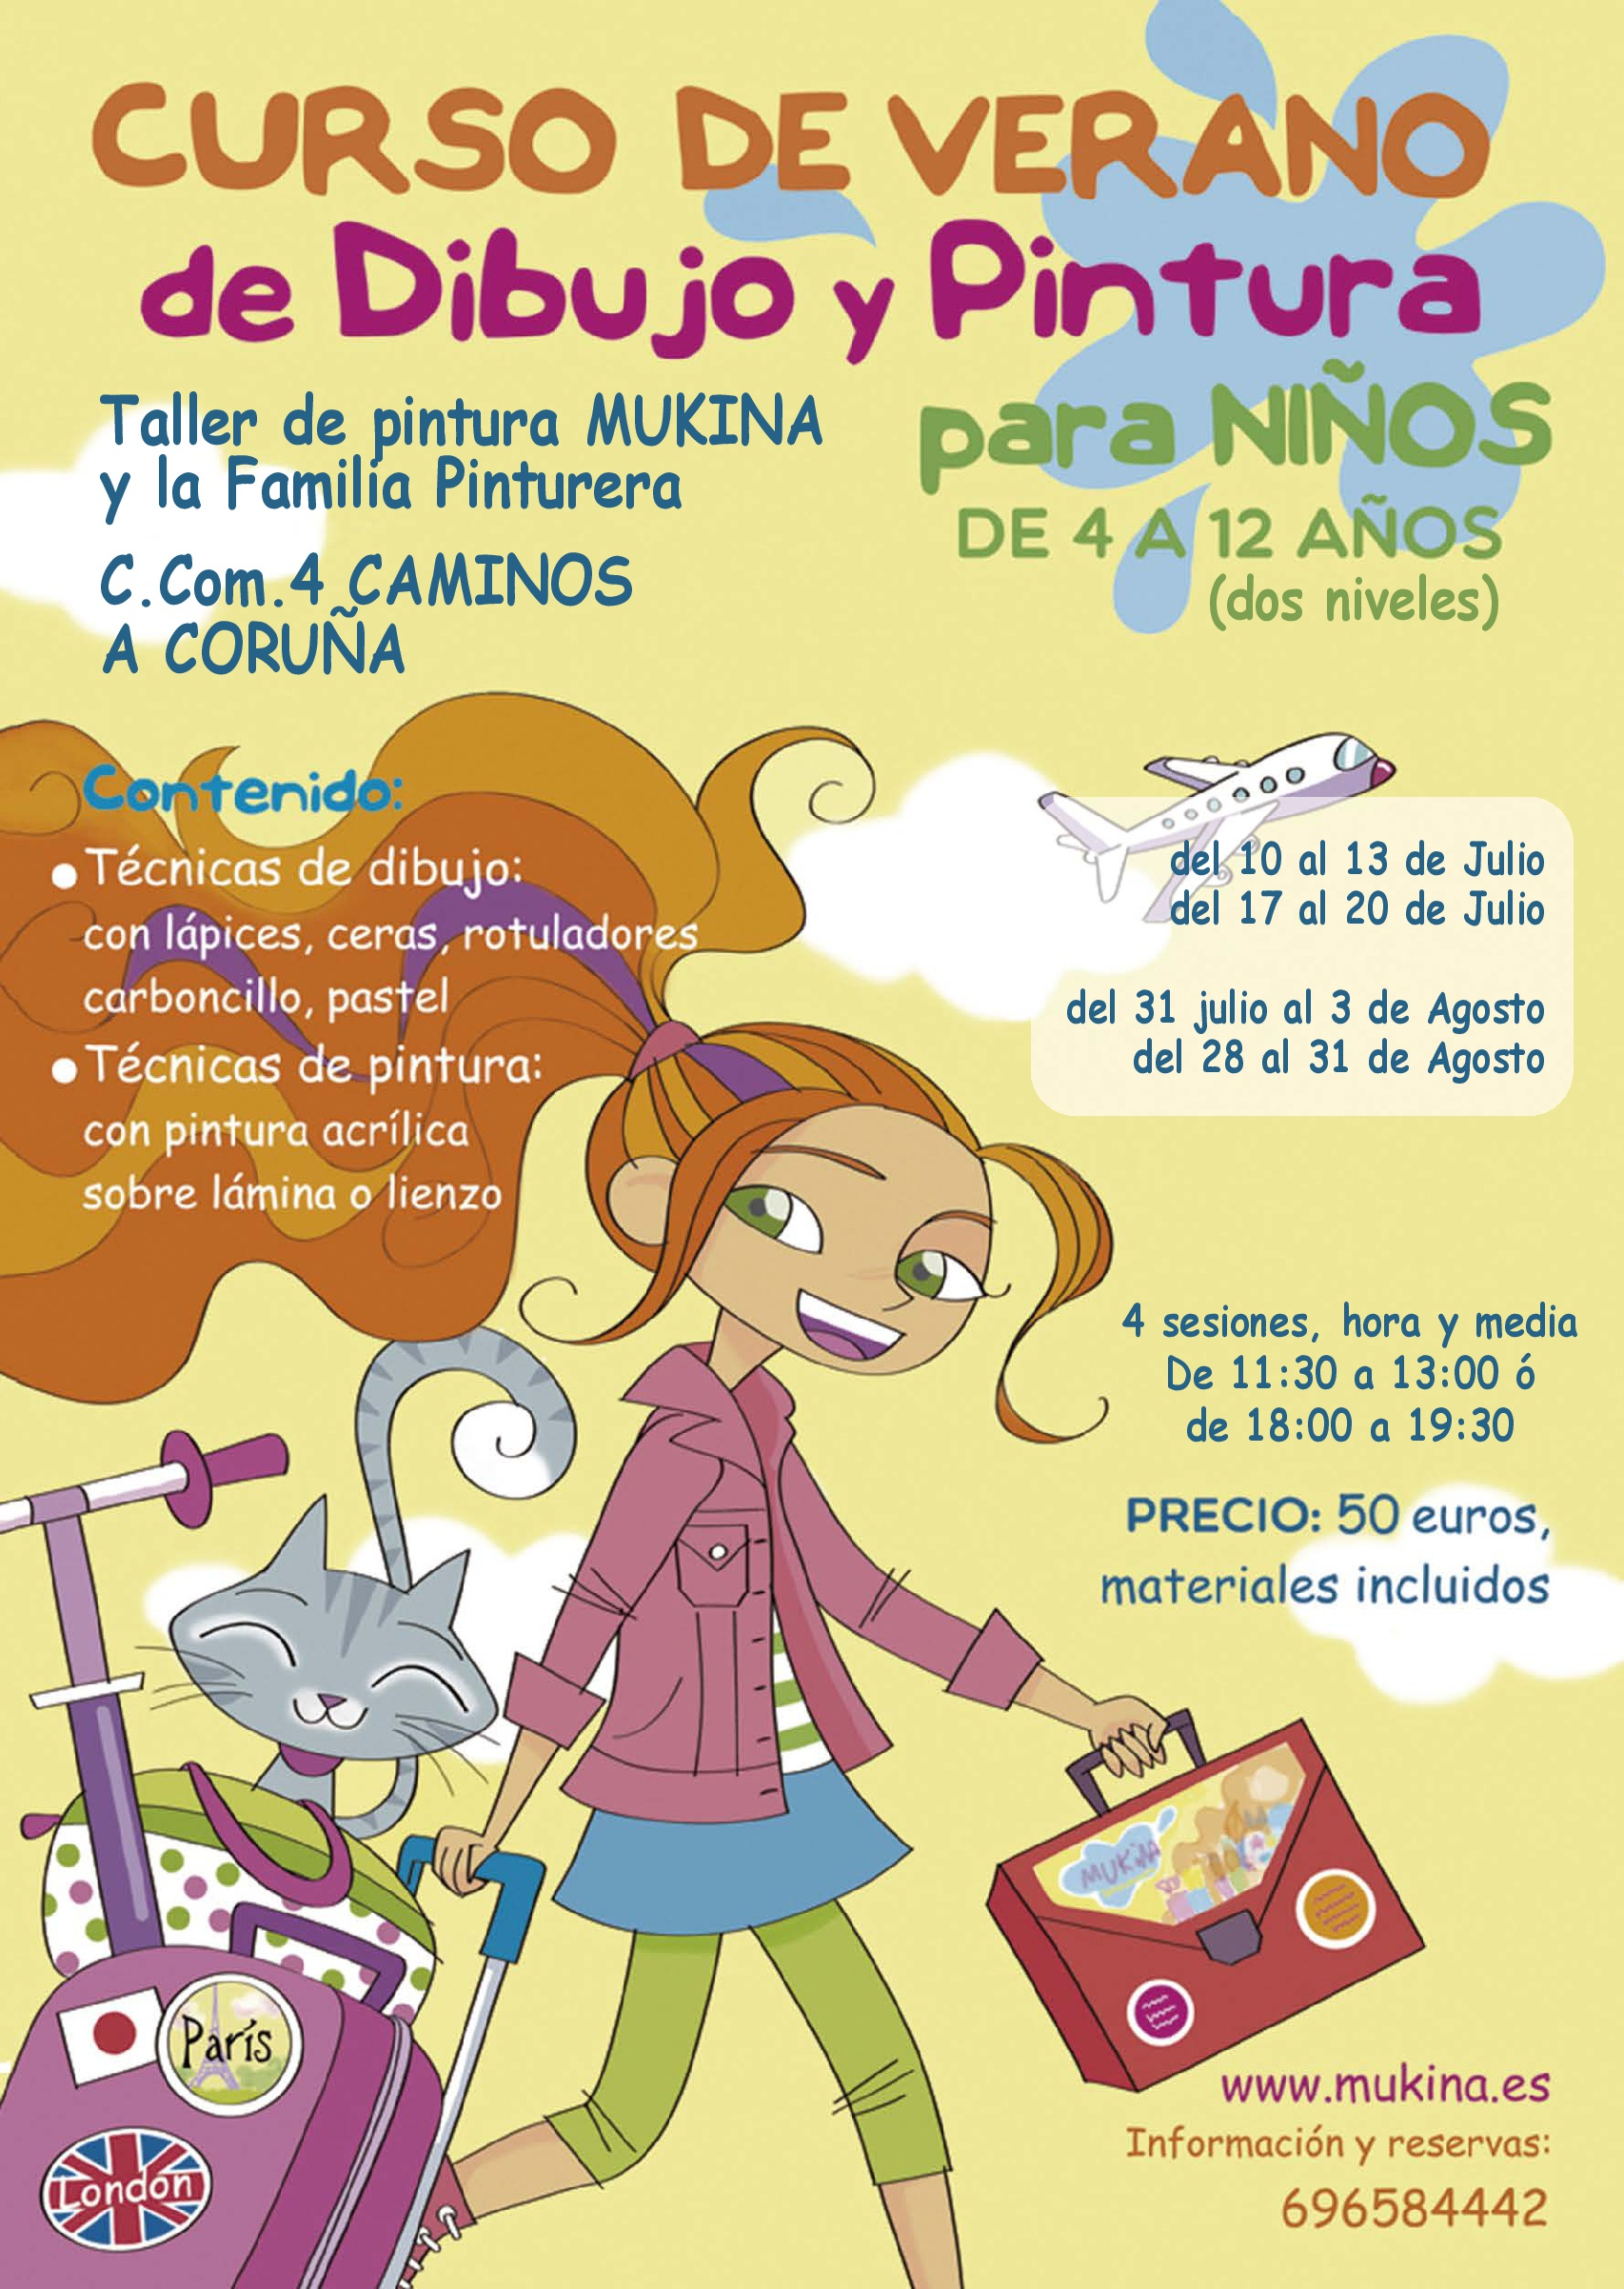 Curso de Verano de Dibujo y Pintura para Niños en A Coruña - Mukina